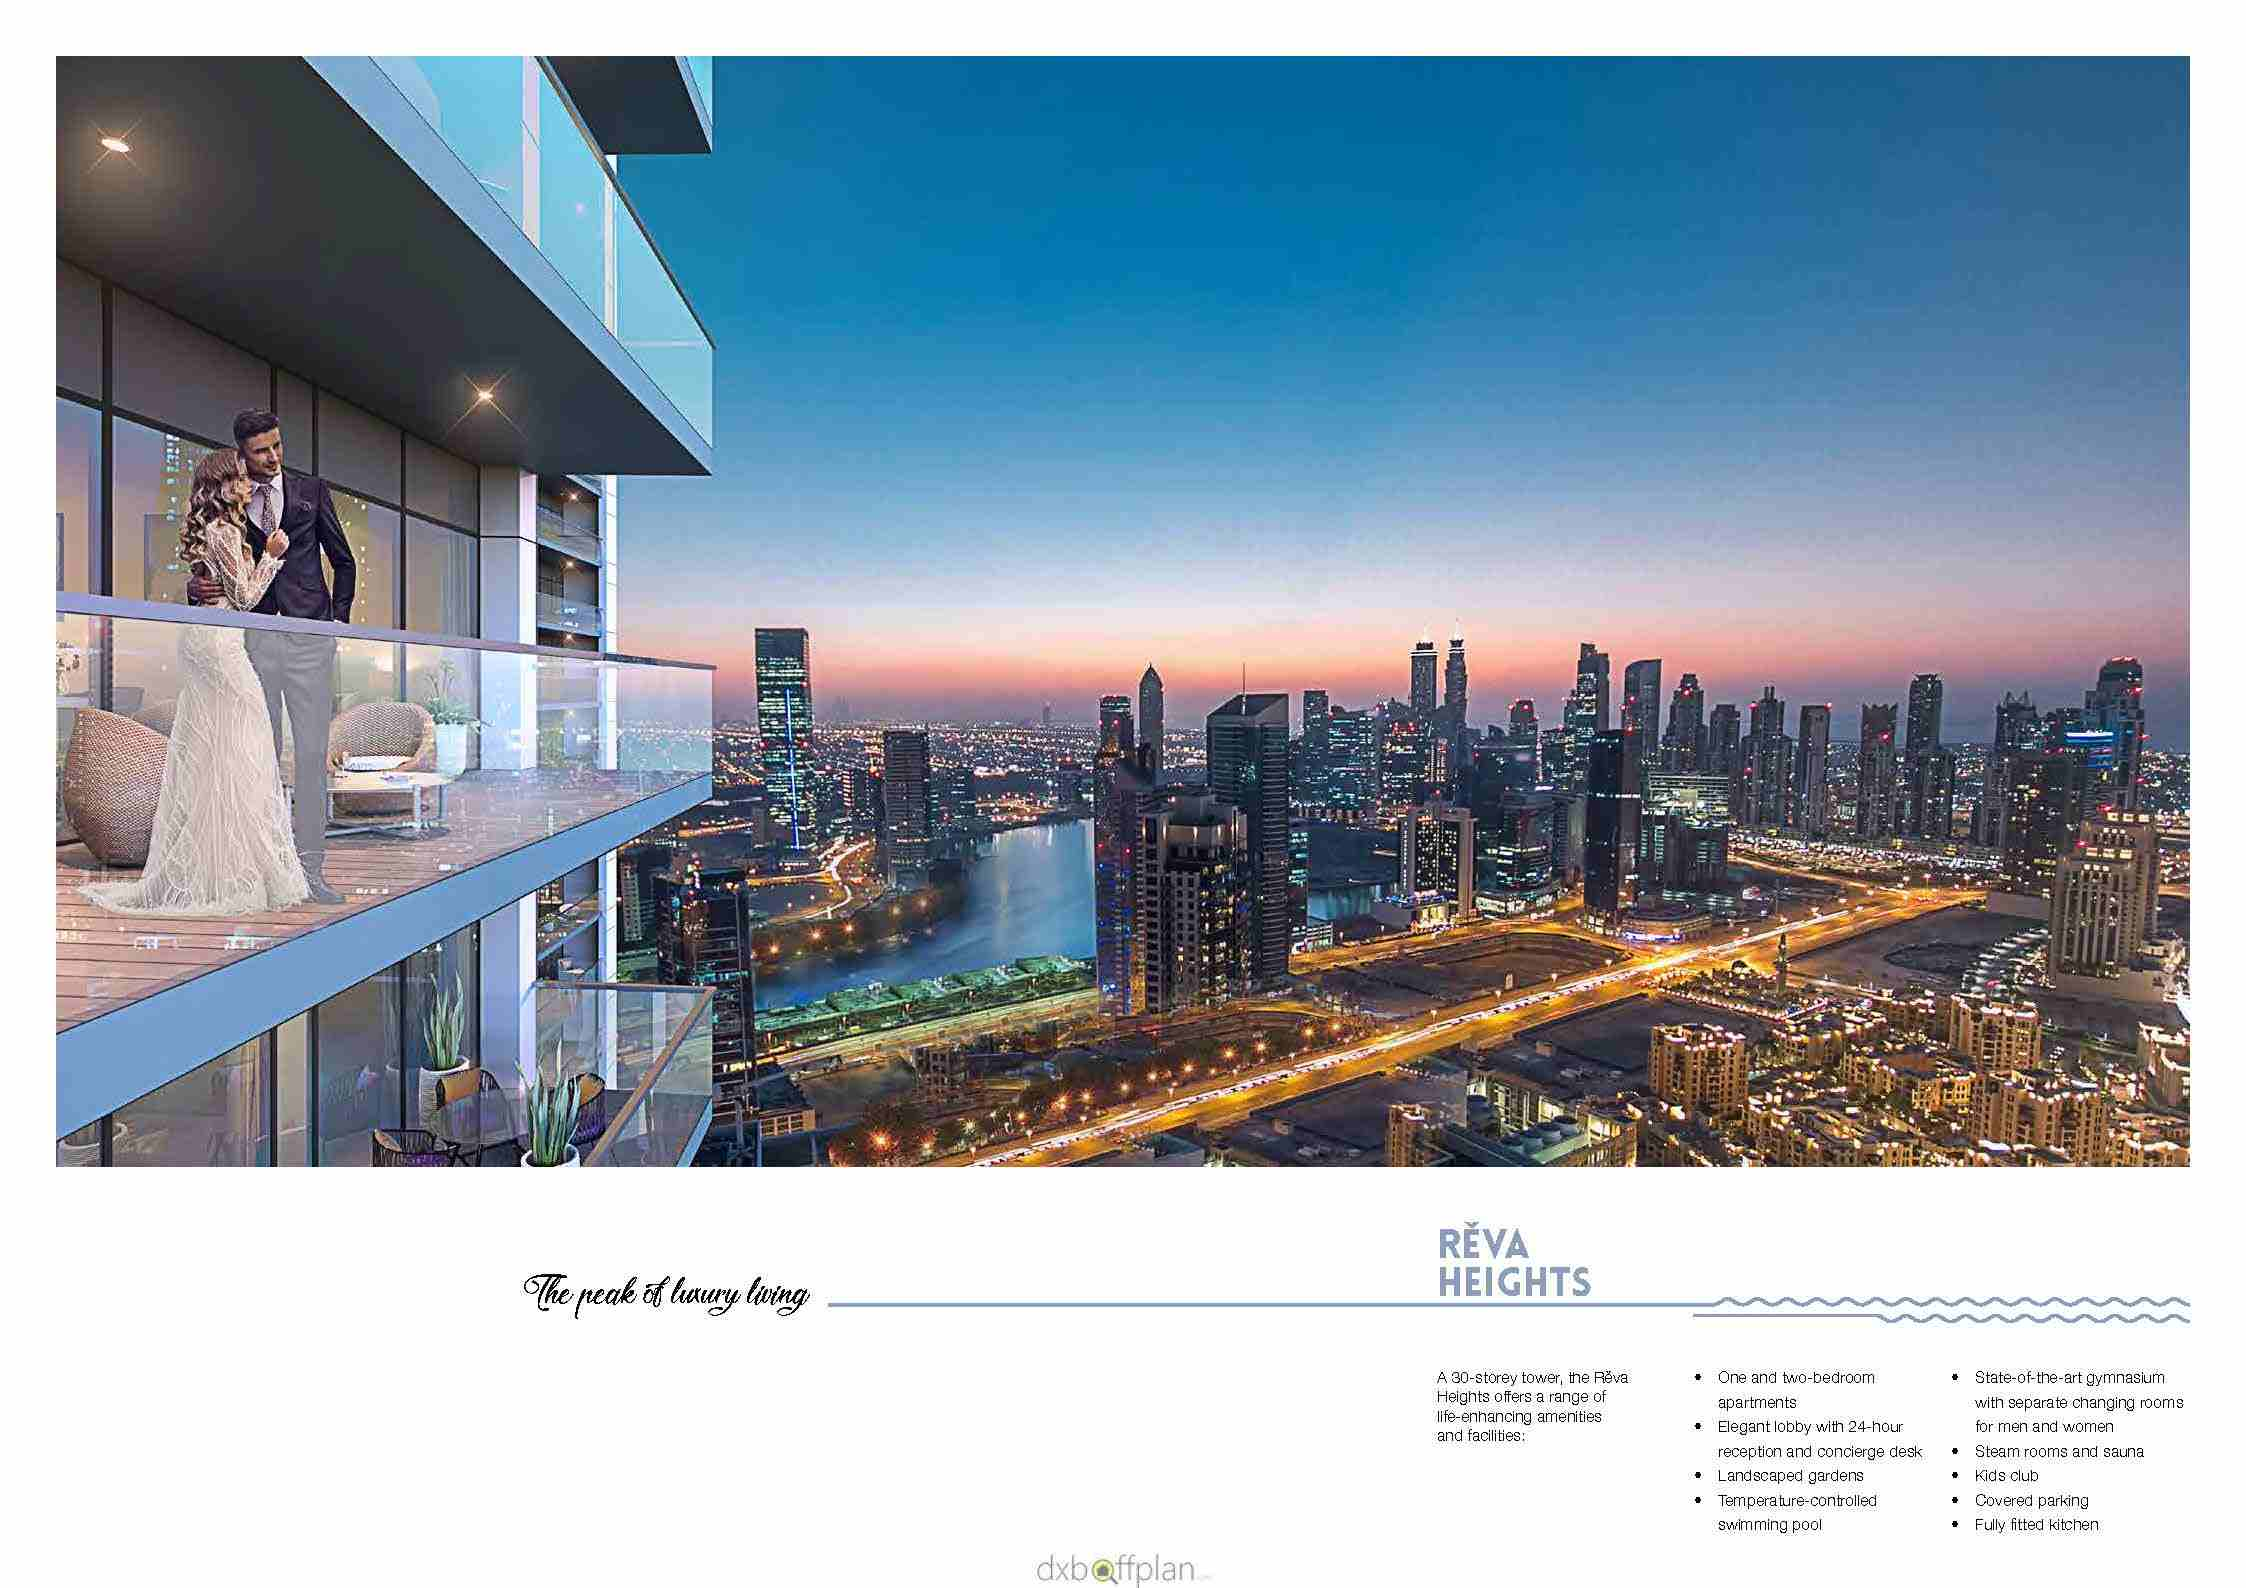 برج ريفا هايتس بالخليج التجاري في دبي  - شقة من غرفتين وصالة...